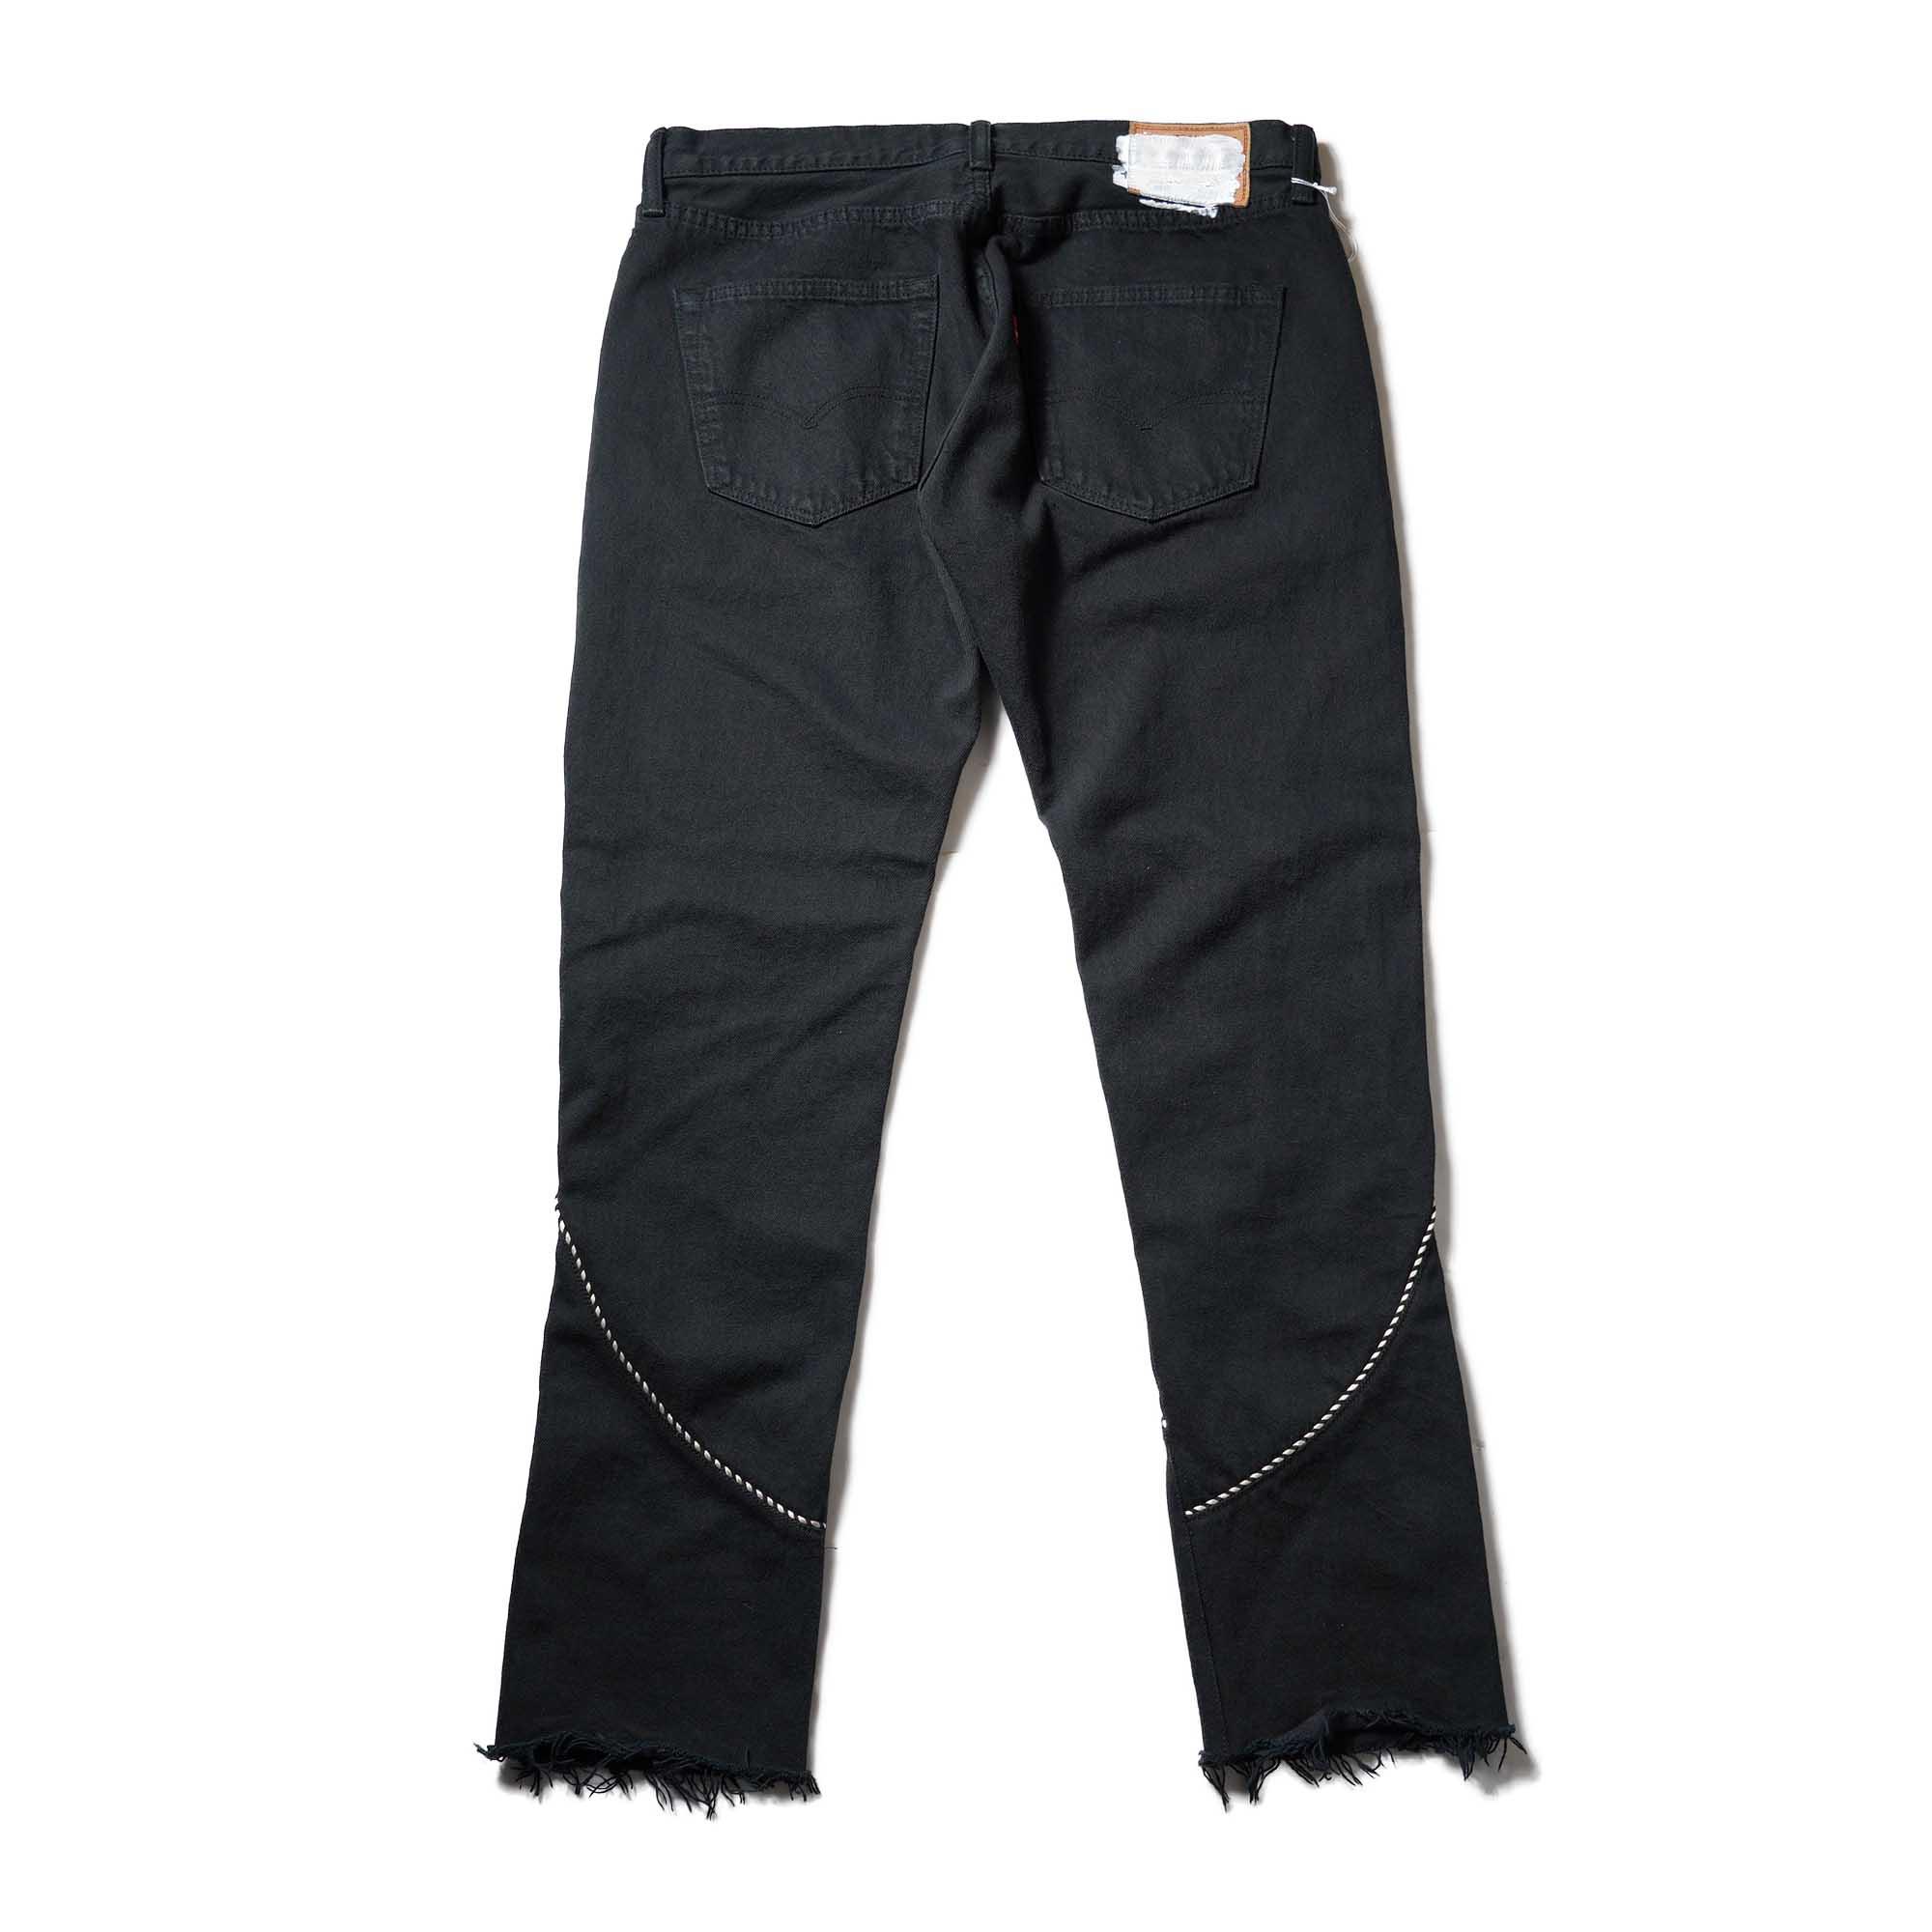 OLD PARK / Western Jeans2 Black (Lsize-B)OLD PARK / Western Jeans Black (Msize-H)背面